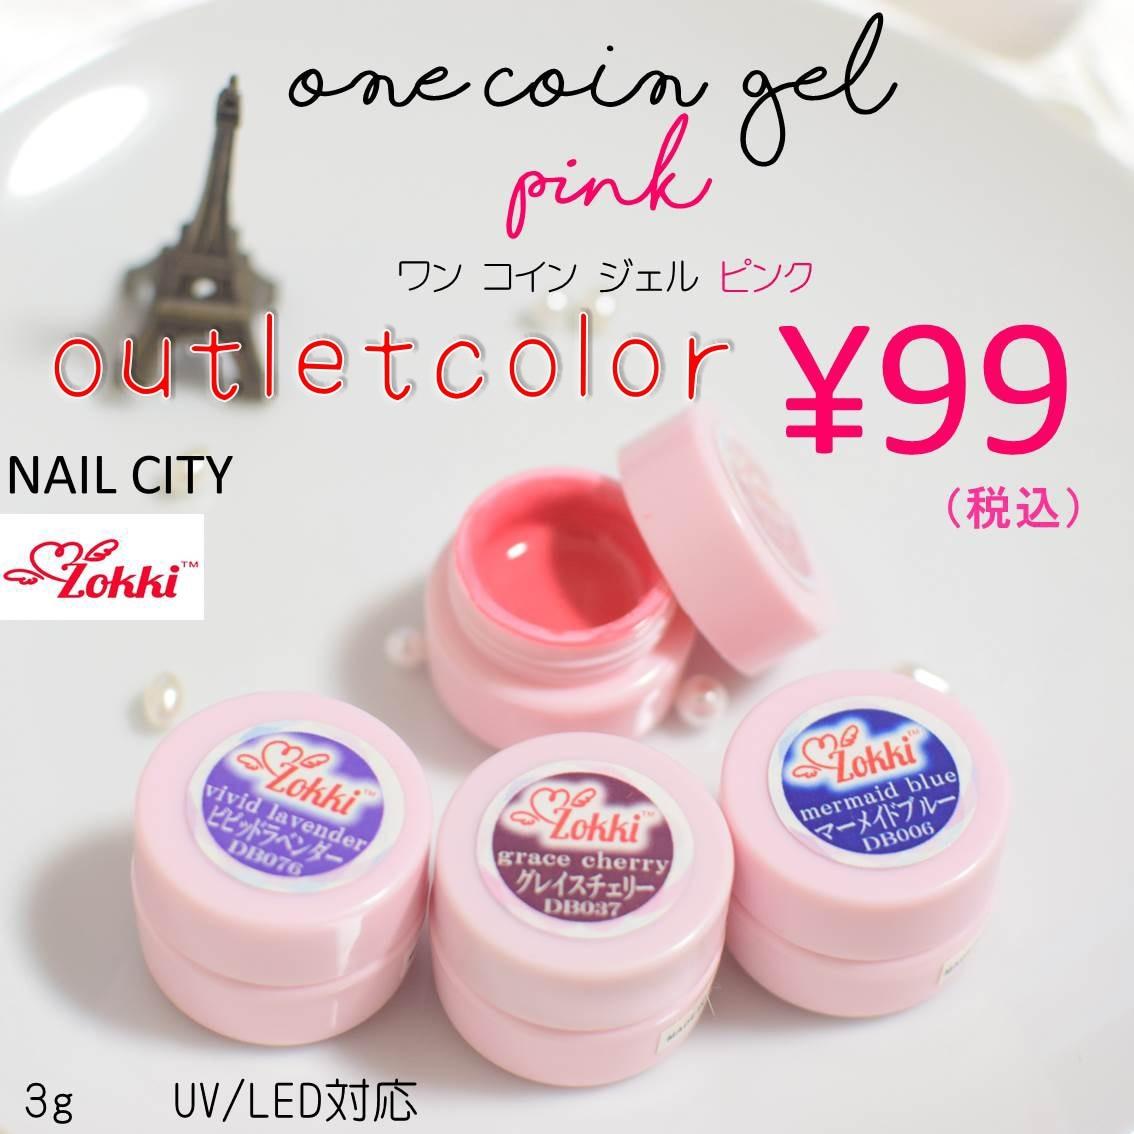 Qoo10ワンコインジェル 定番外カラー ピンクボトル ネイル ジェルネイル カラージェル プチプラ LED対応 UV対応 訳あり アウトレット